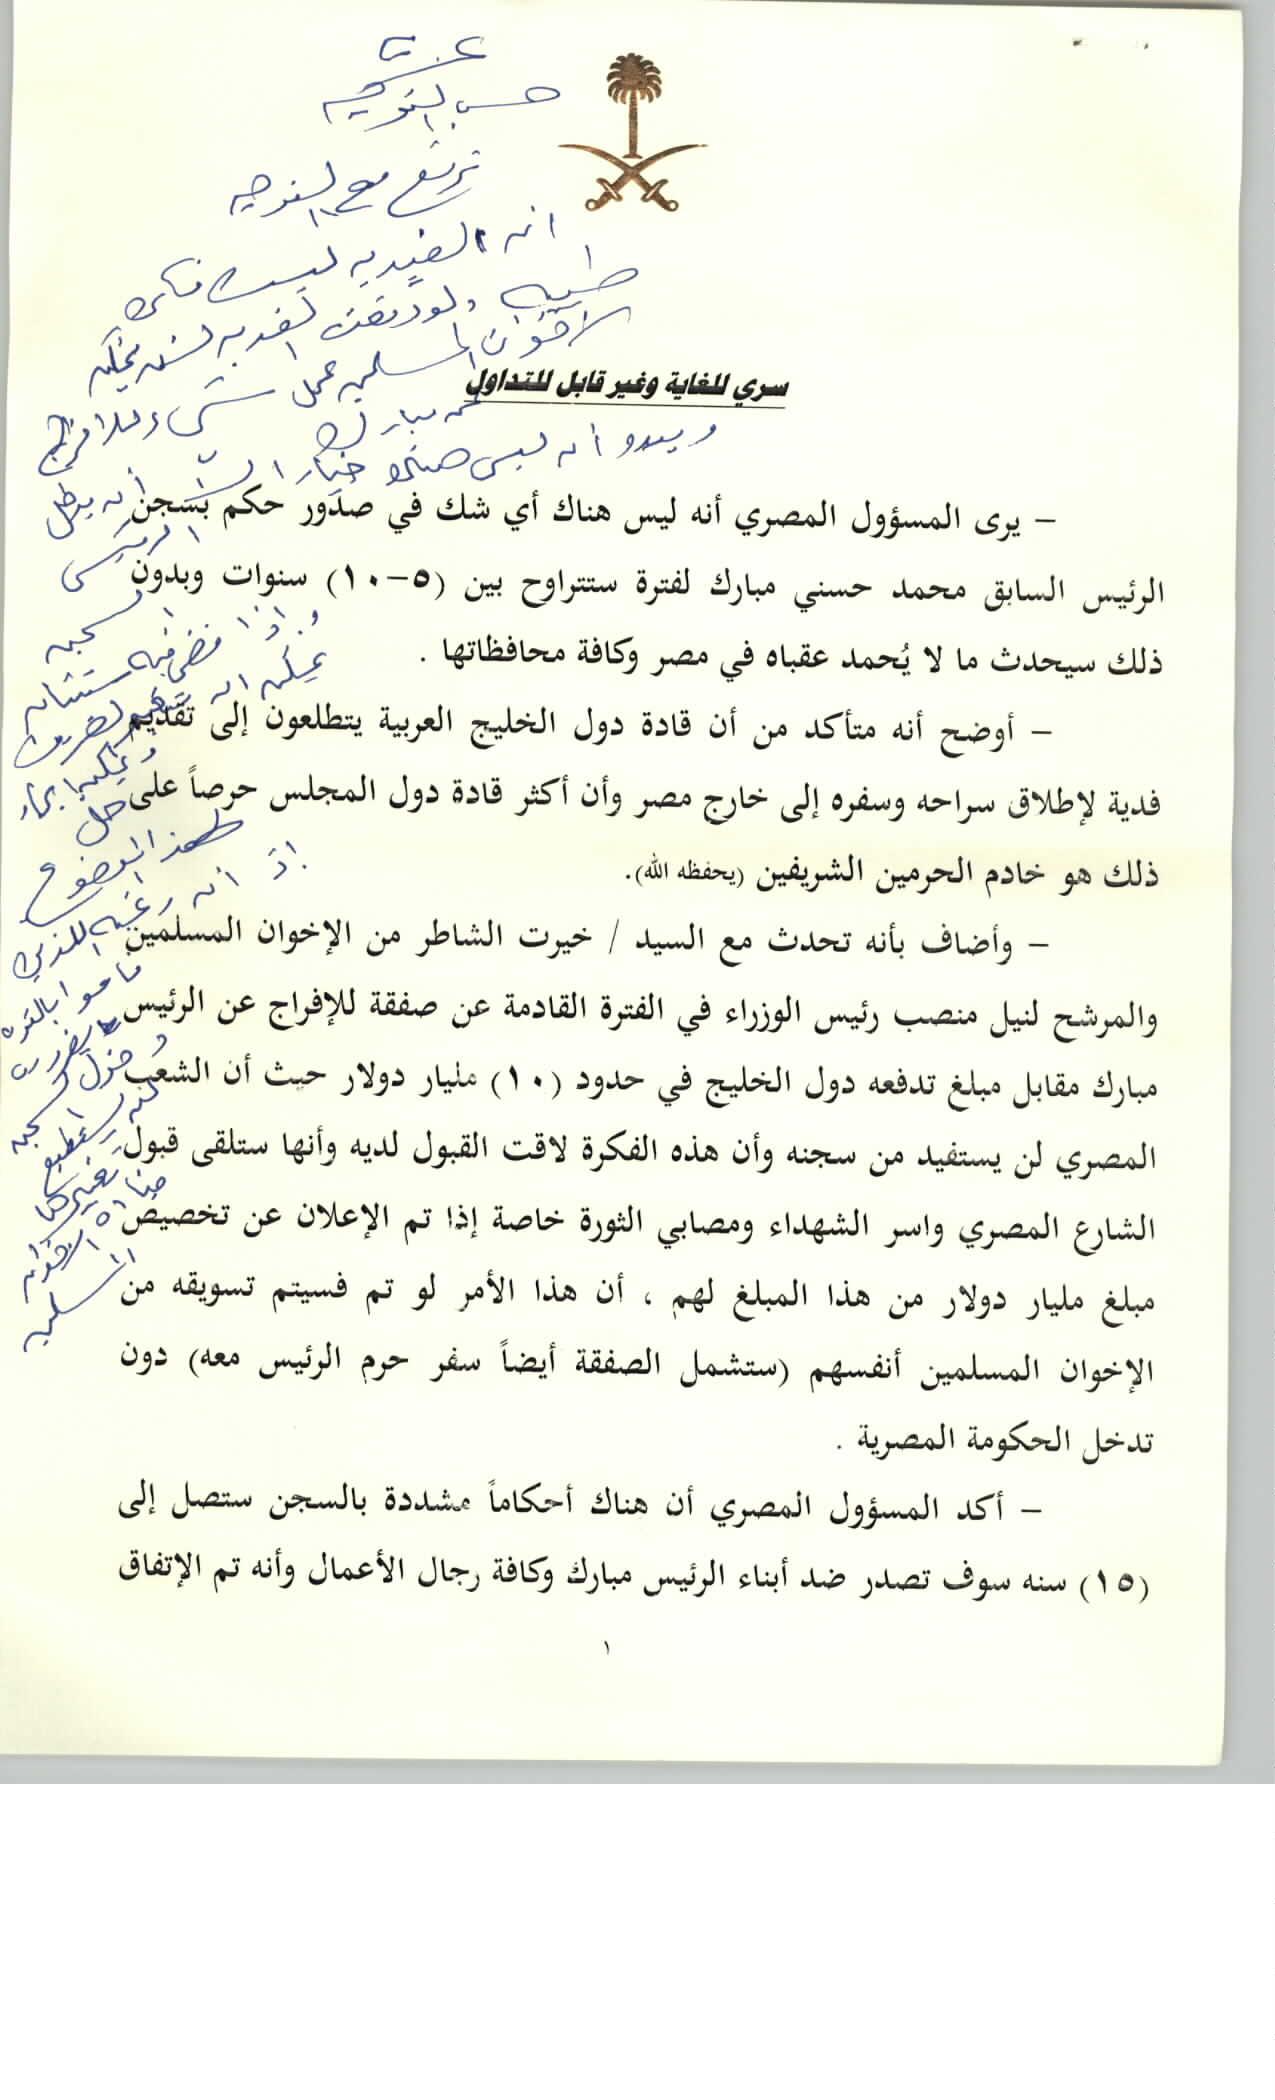 مذكرة حكم مبارك